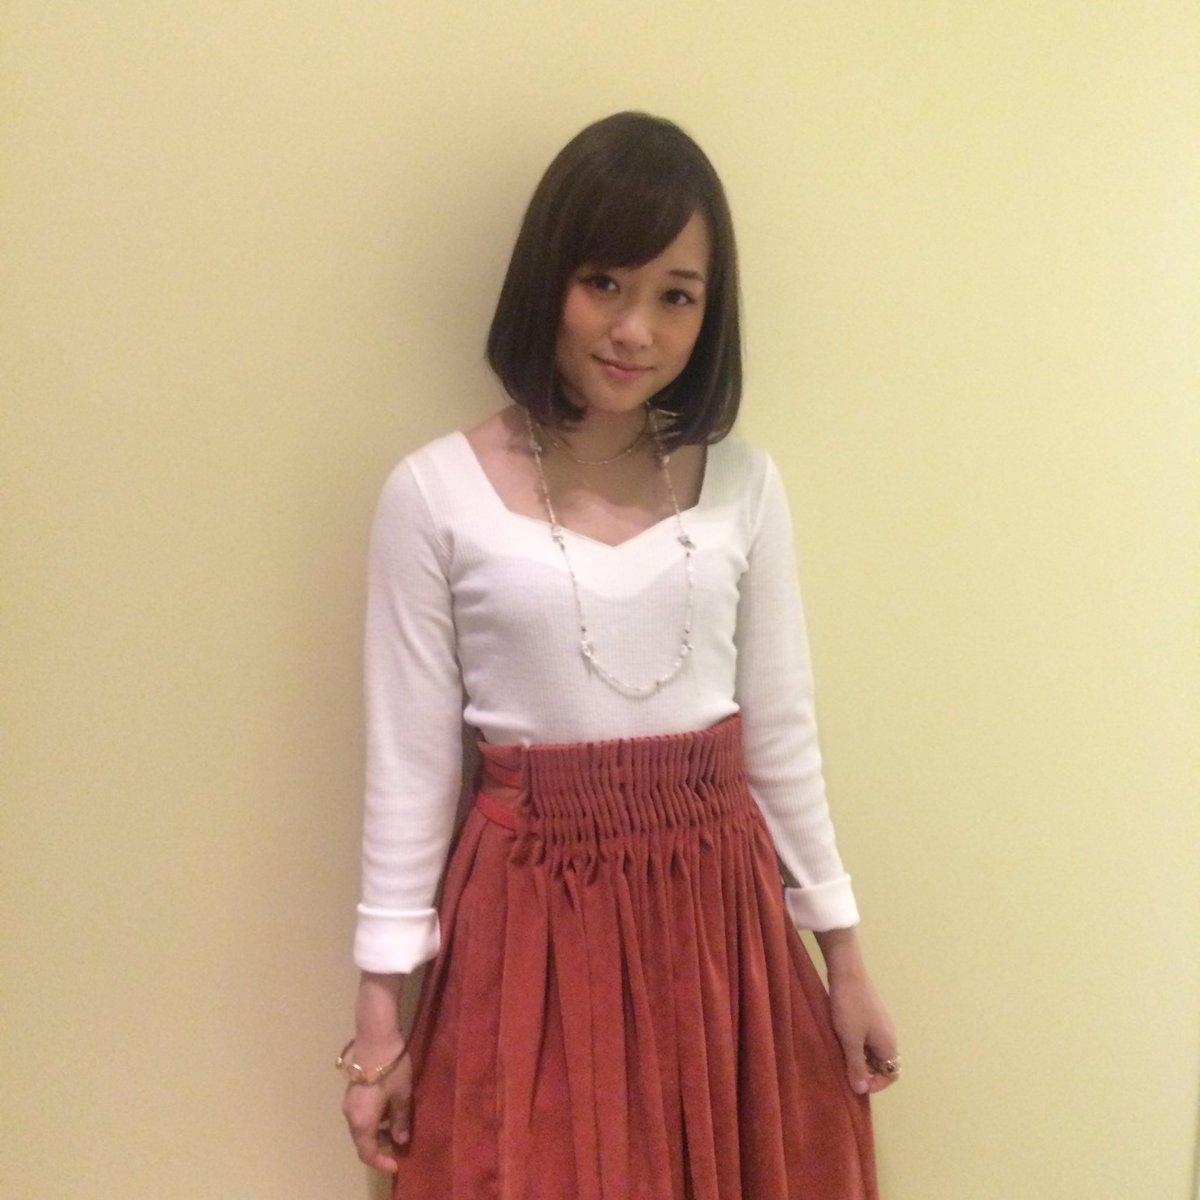 そして櫻子さん、PON! 生出演、終了です!いつも明るく素敵な「天然」さを運んでくださる櫻子さん、今日もこれからお稽古と